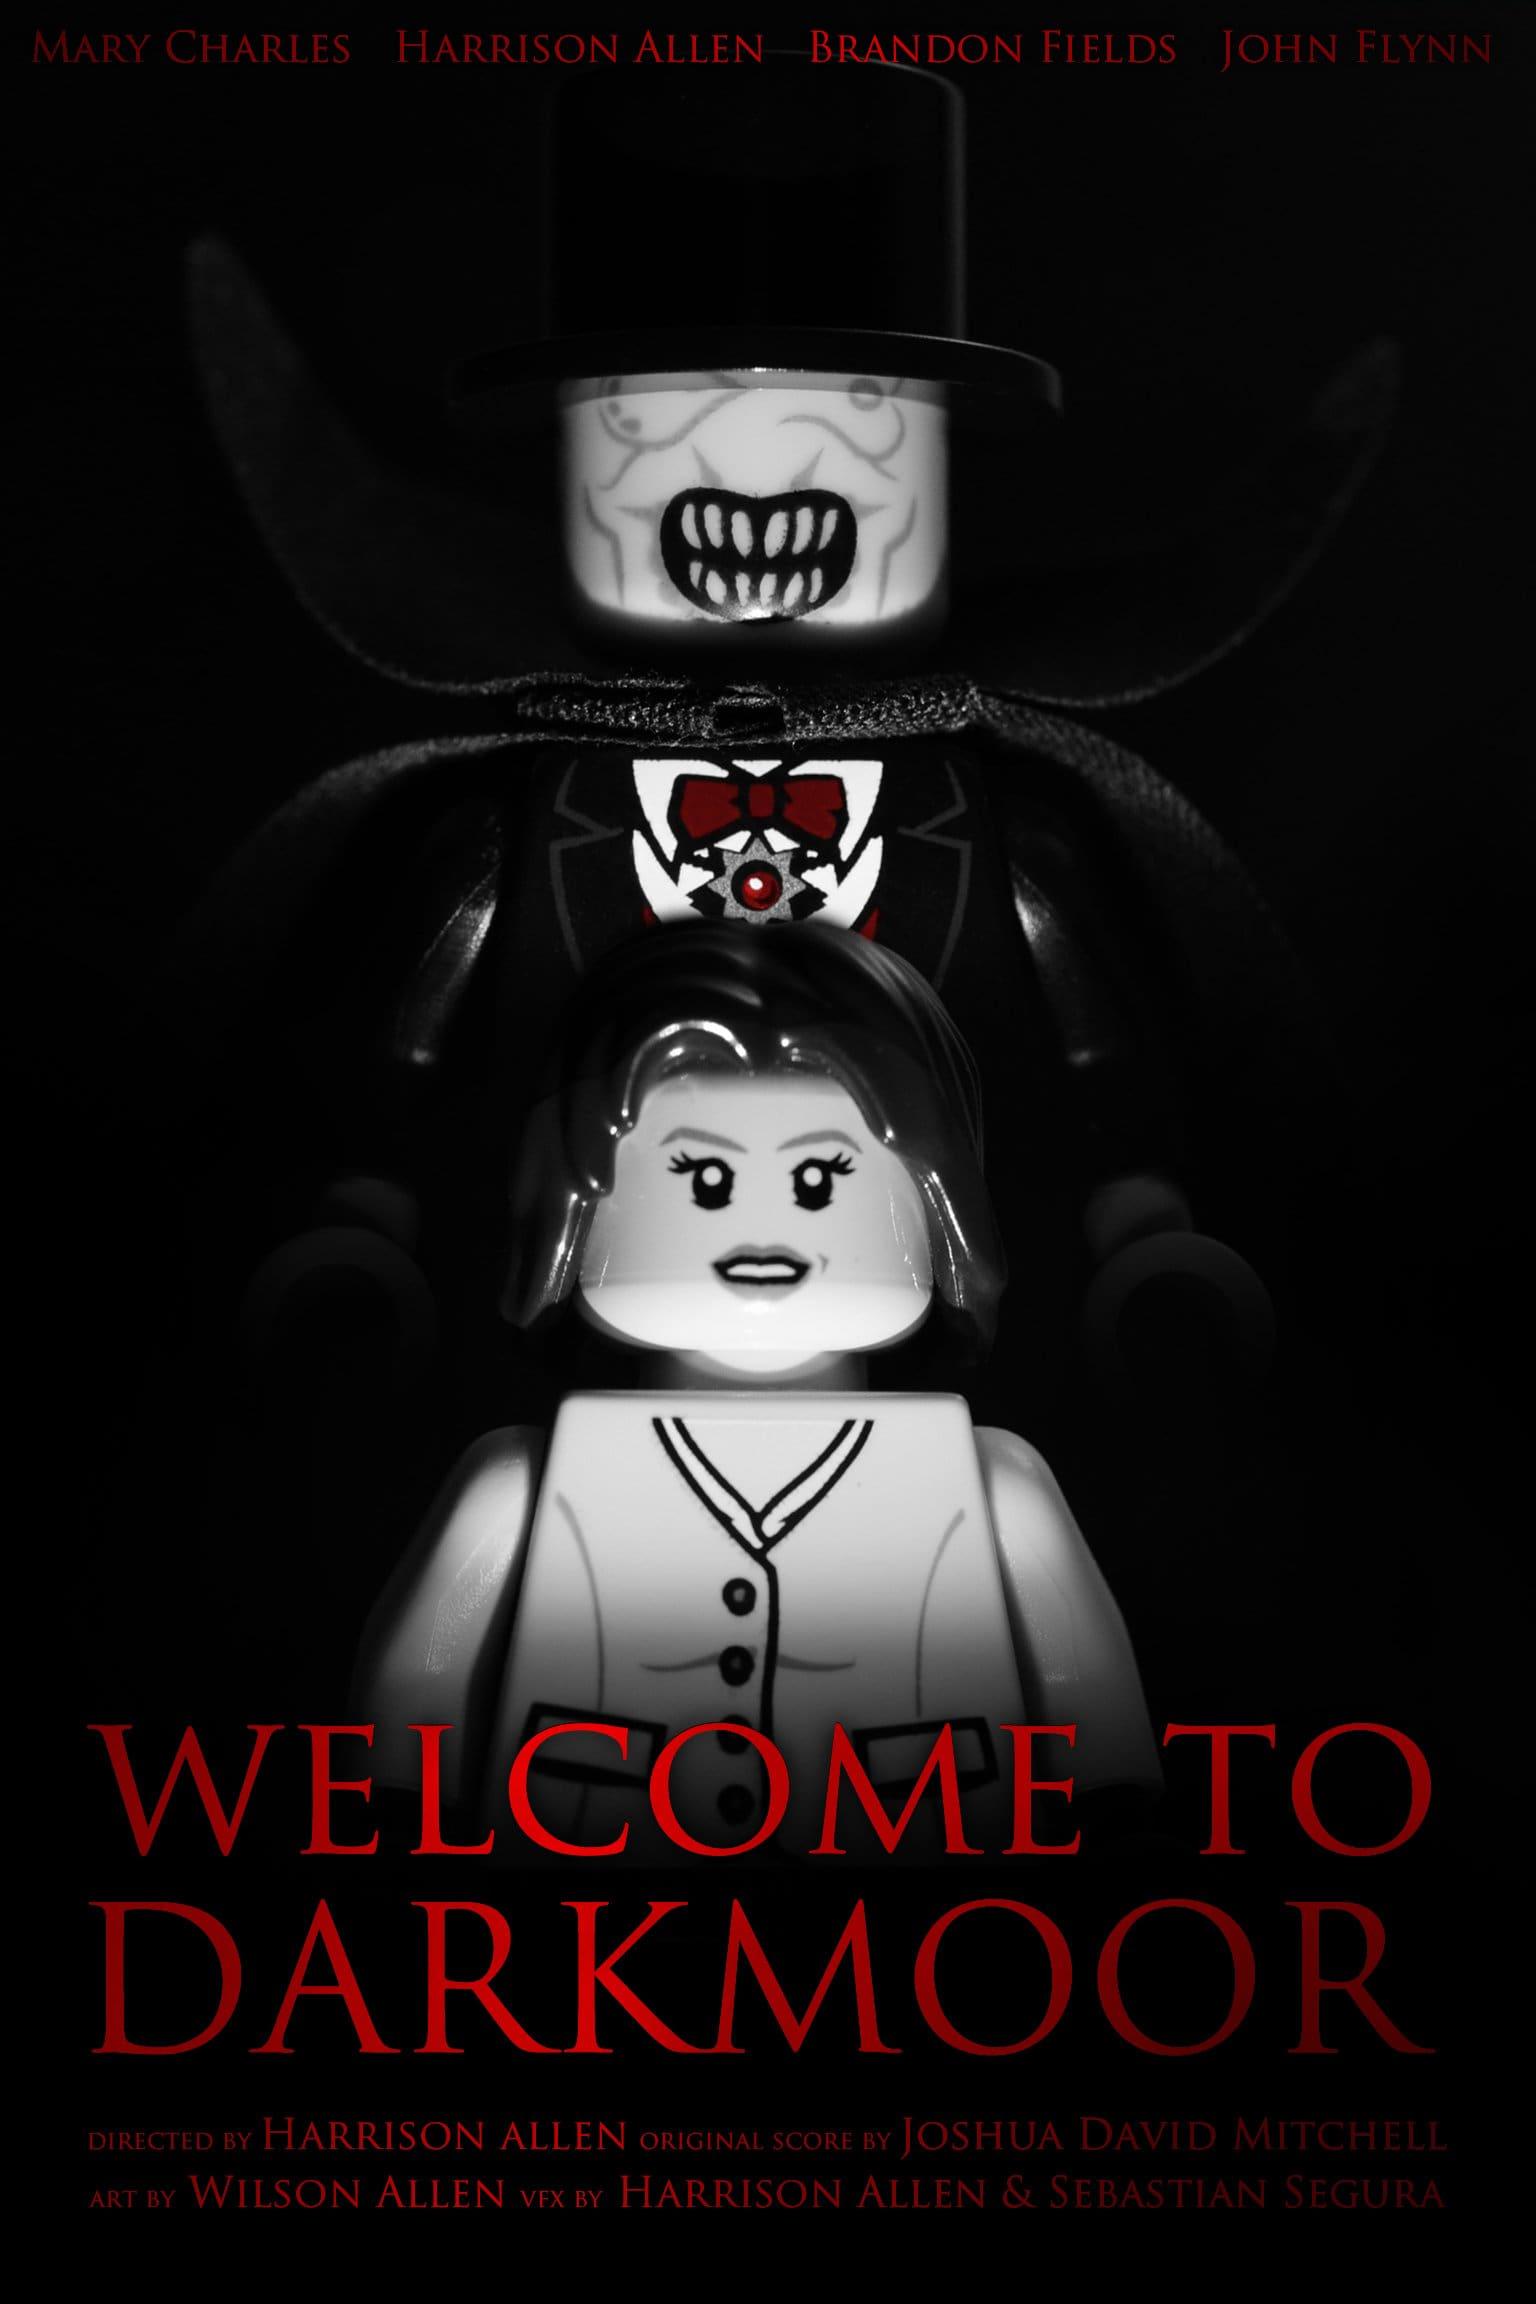 Welcome to Darkmoor